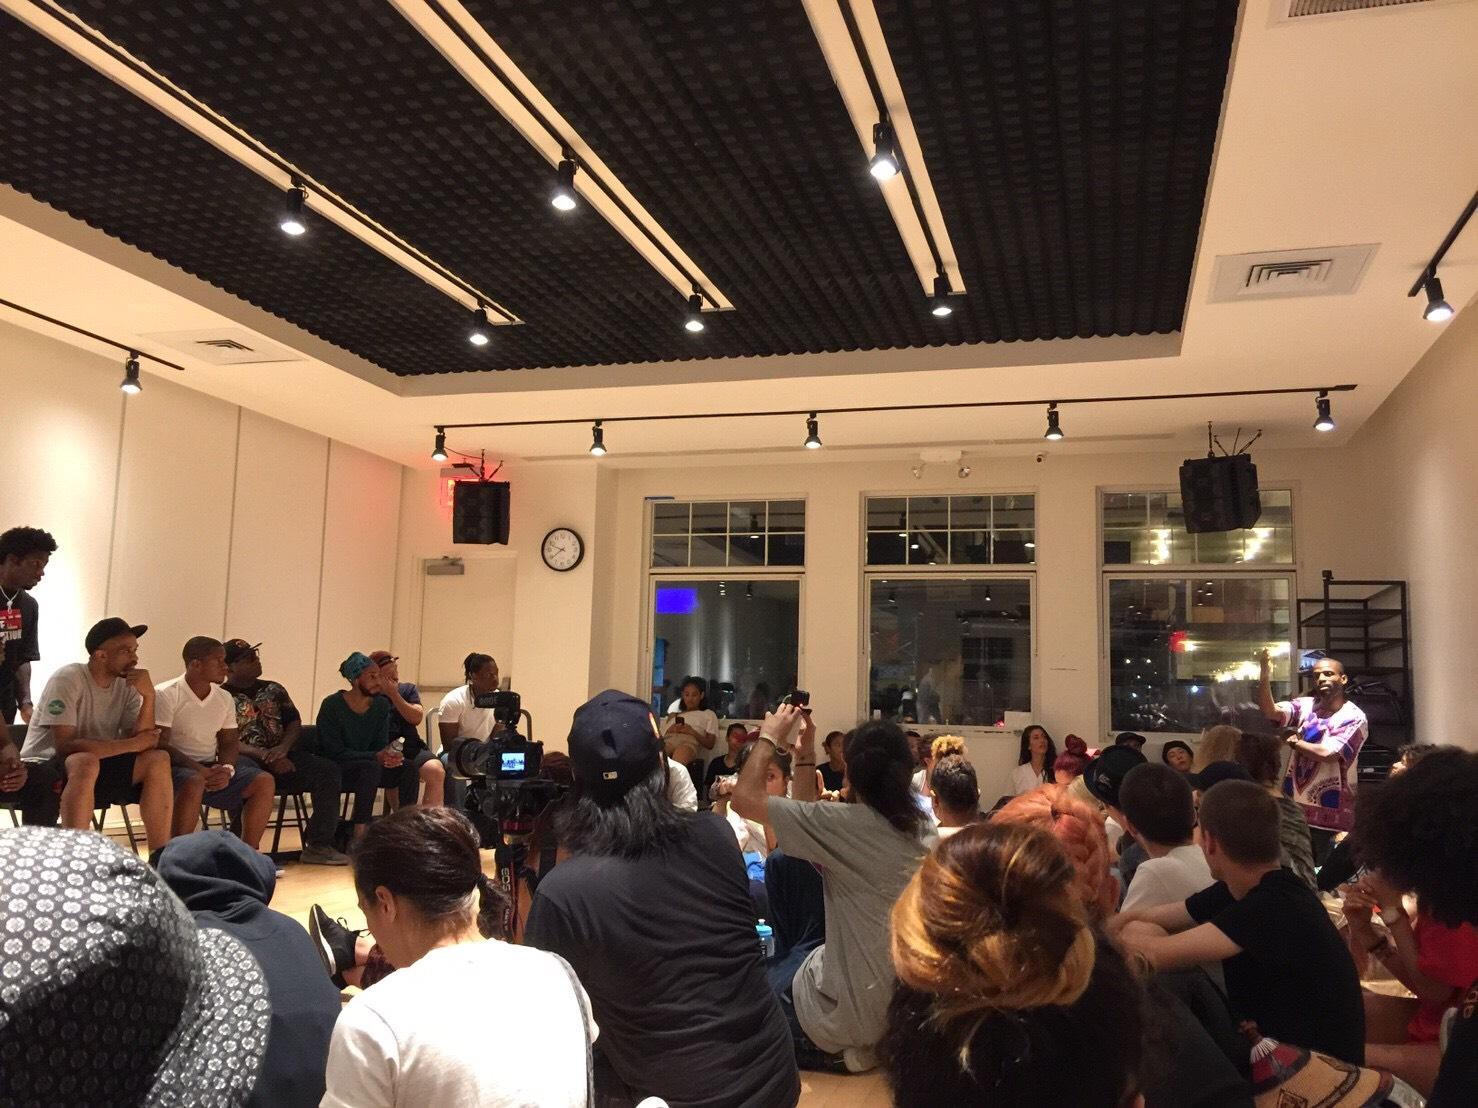 ニューヨークにて36CHAMBAZ OF STYLZ が開催!LOCK部門ではSAYAが優勝、BAMBOO SHOOTがショーケースを披露など日本人ダンサーも多く活躍